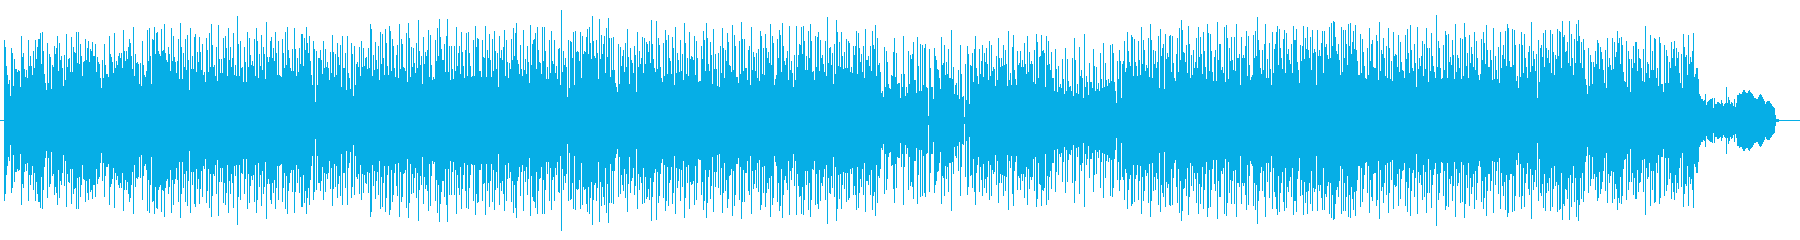 緩やかでメローなピアノとアコギメロディーの再生済みの波形